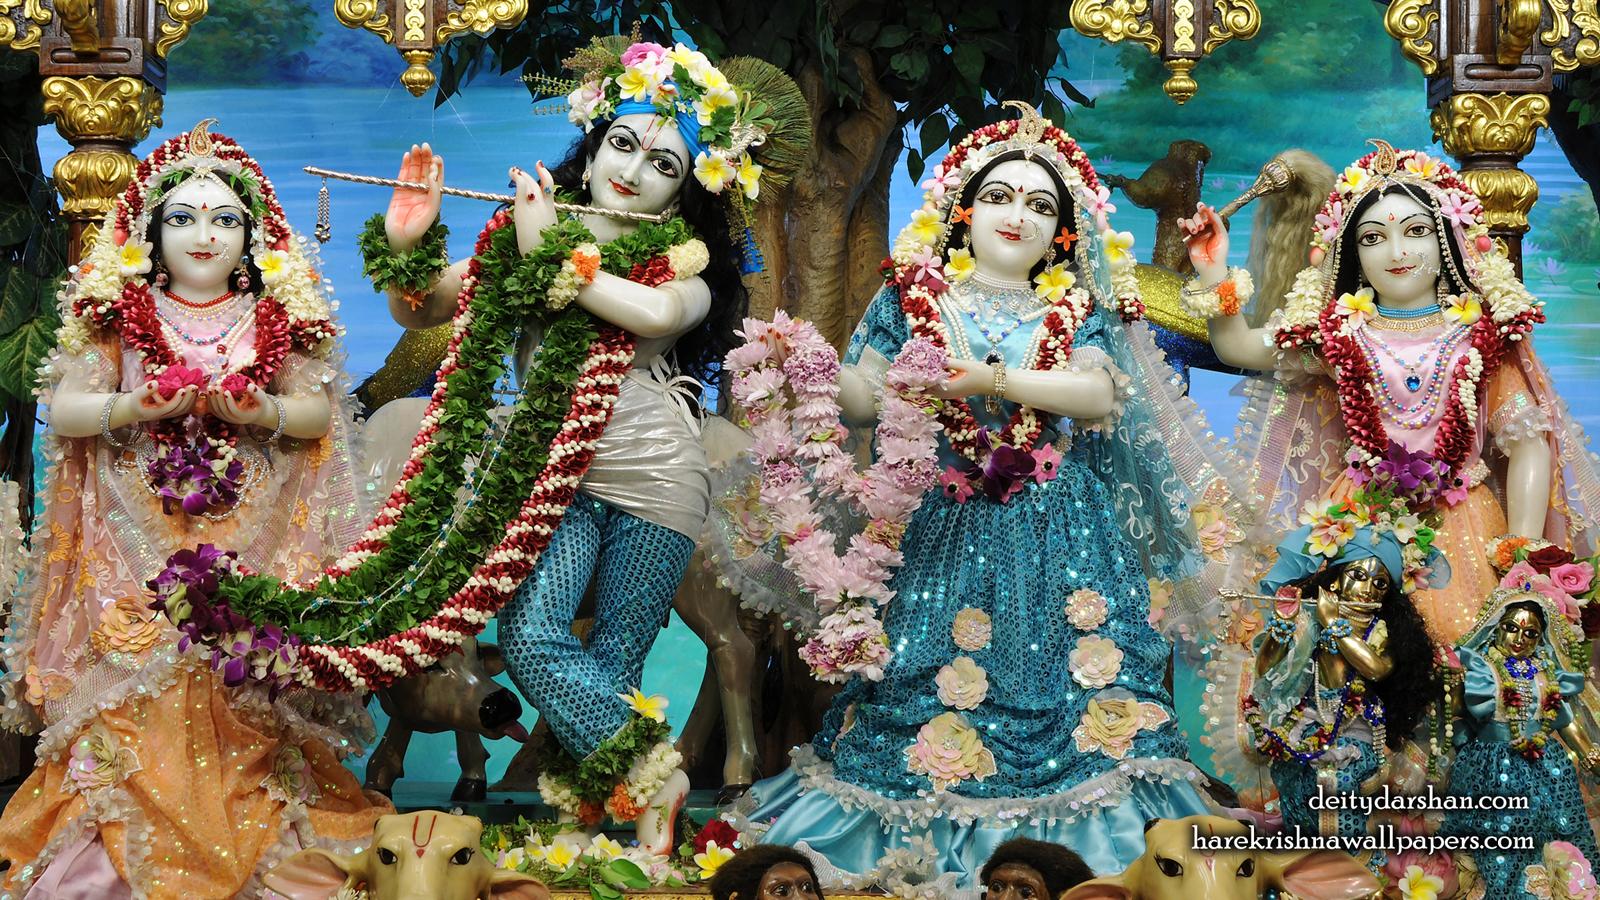 Sri Sri Radha Gopinath Lalita Vishakha Wallpaper (074) Size 1600x900 Download